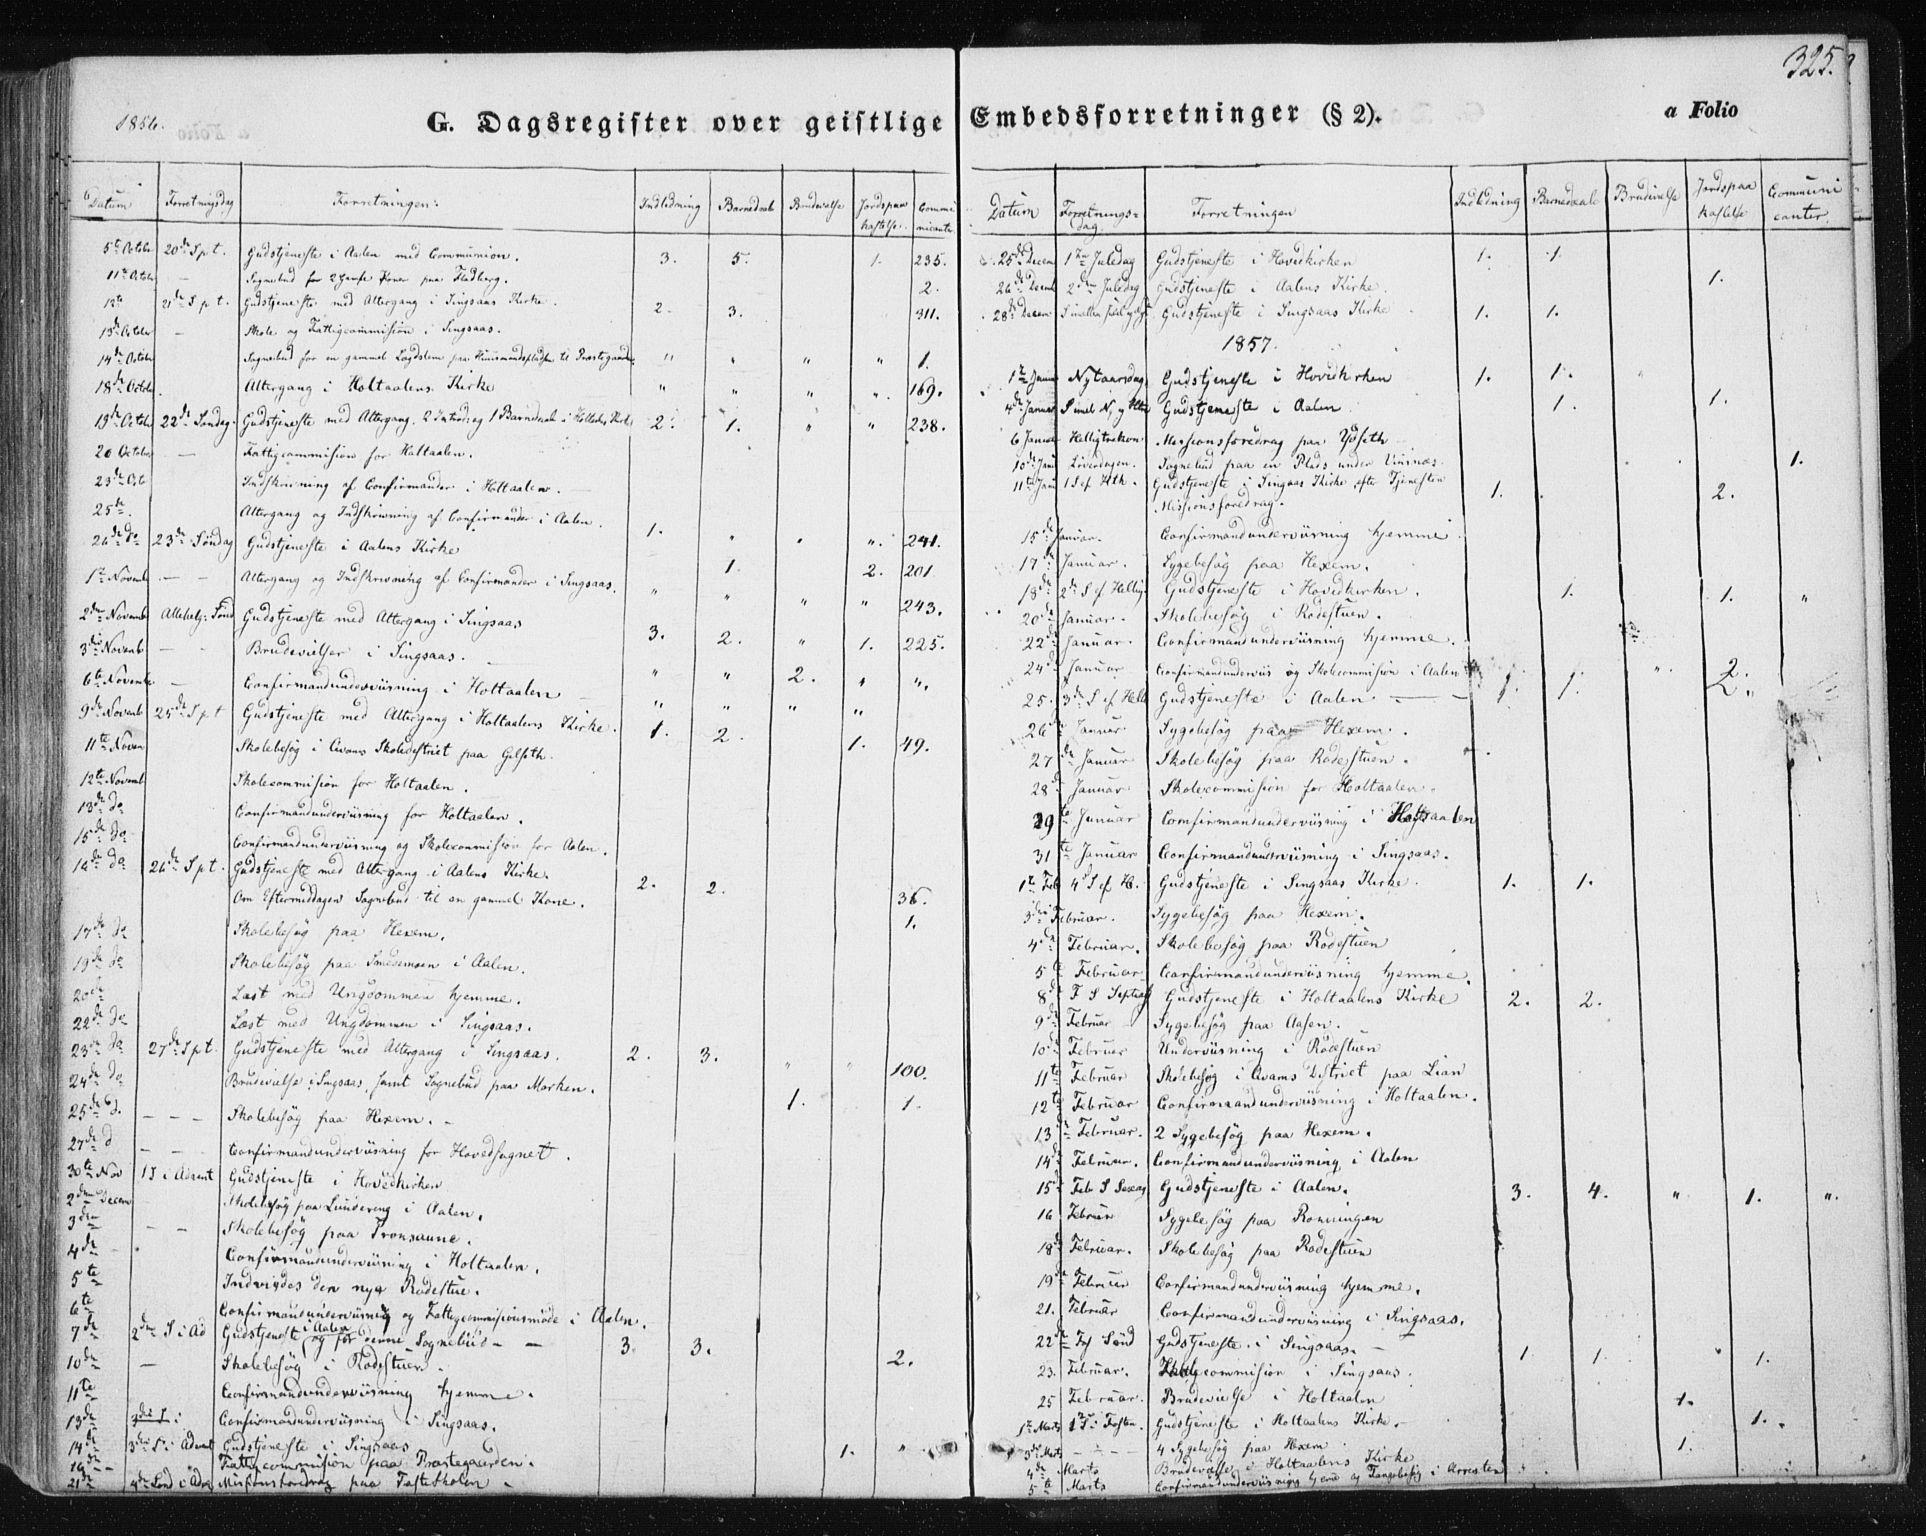 SAT, Ministerialprotokoller, klokkerbøker og fødselsregistre - Sør-Trøndelag, 685/L0963: Ministerialbok nr. 685A06 /1, 1846-1859, s. 325